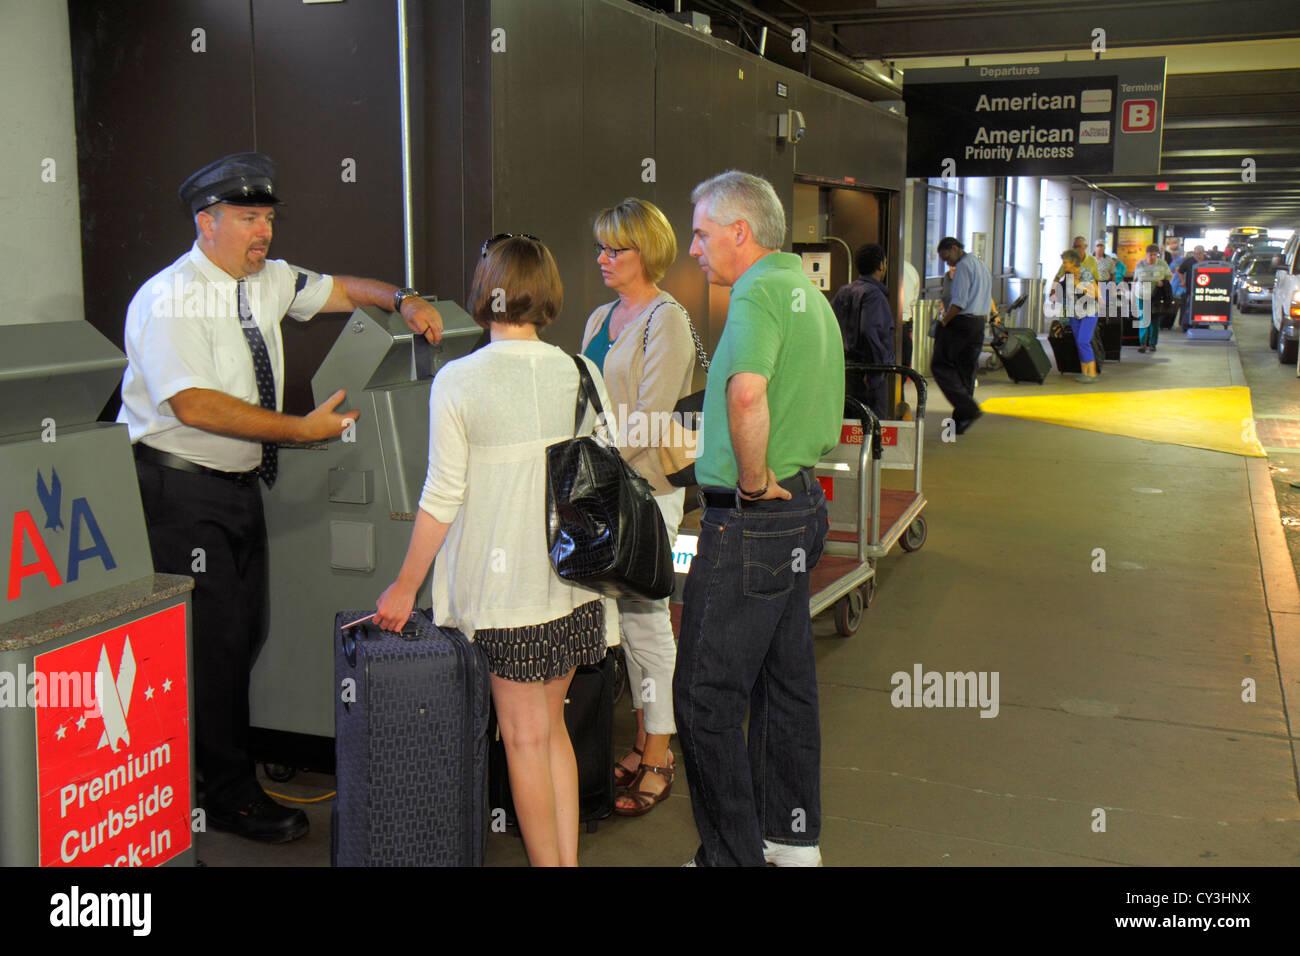 El Aeropuerto Internacional Logan de Boston Massachusetts BOS retorcidas facturaciones en American Airlines skycap Imagen De Stock